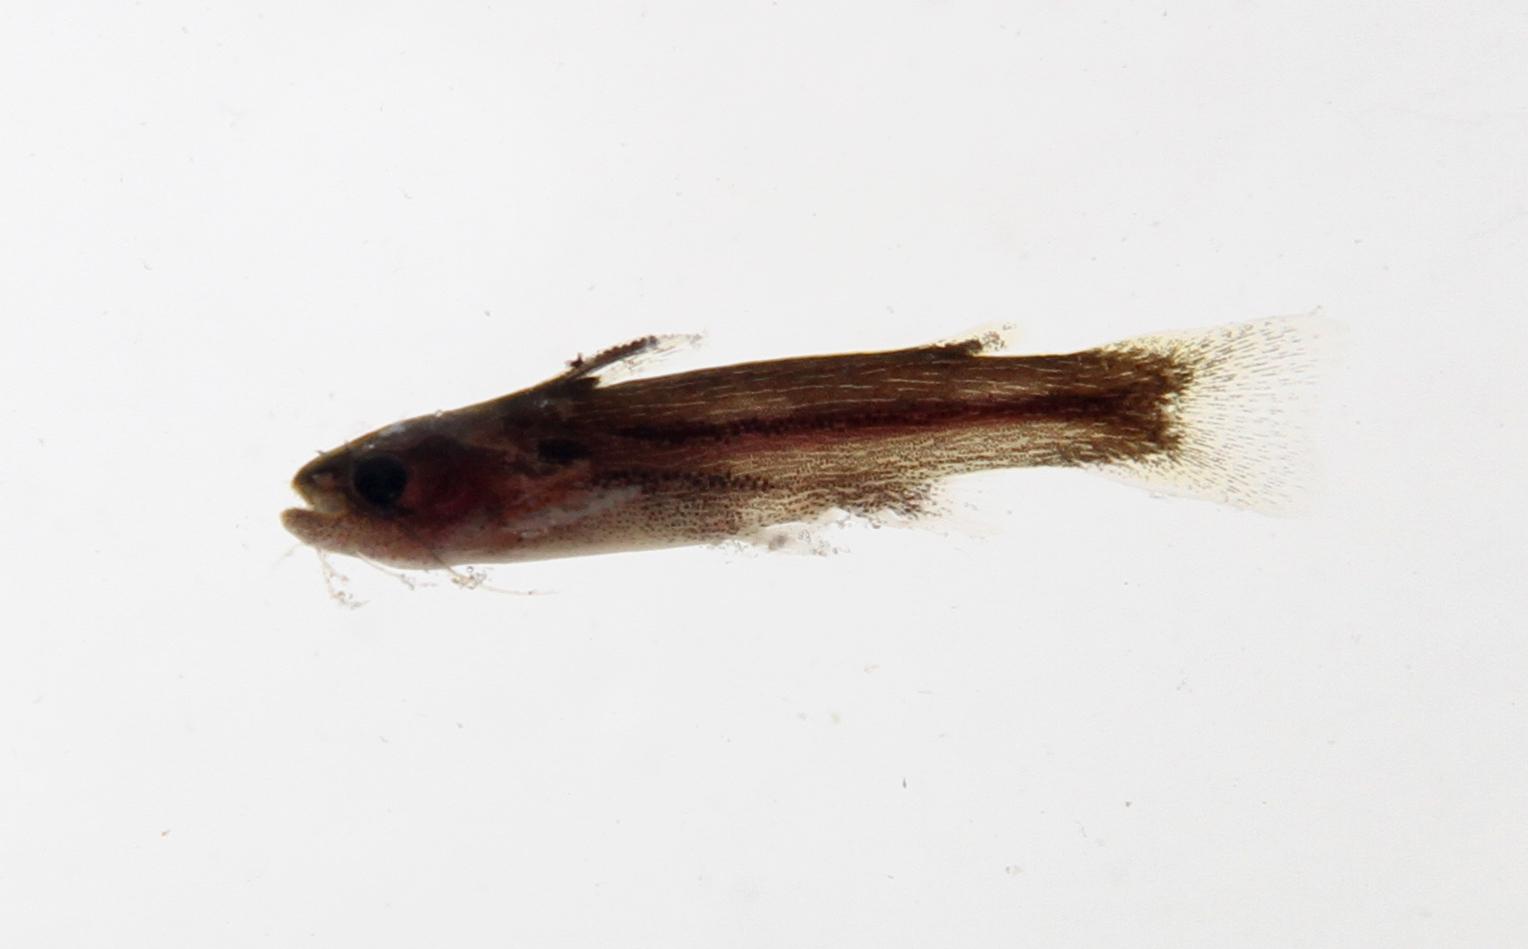 Image of bottlenose catfishes